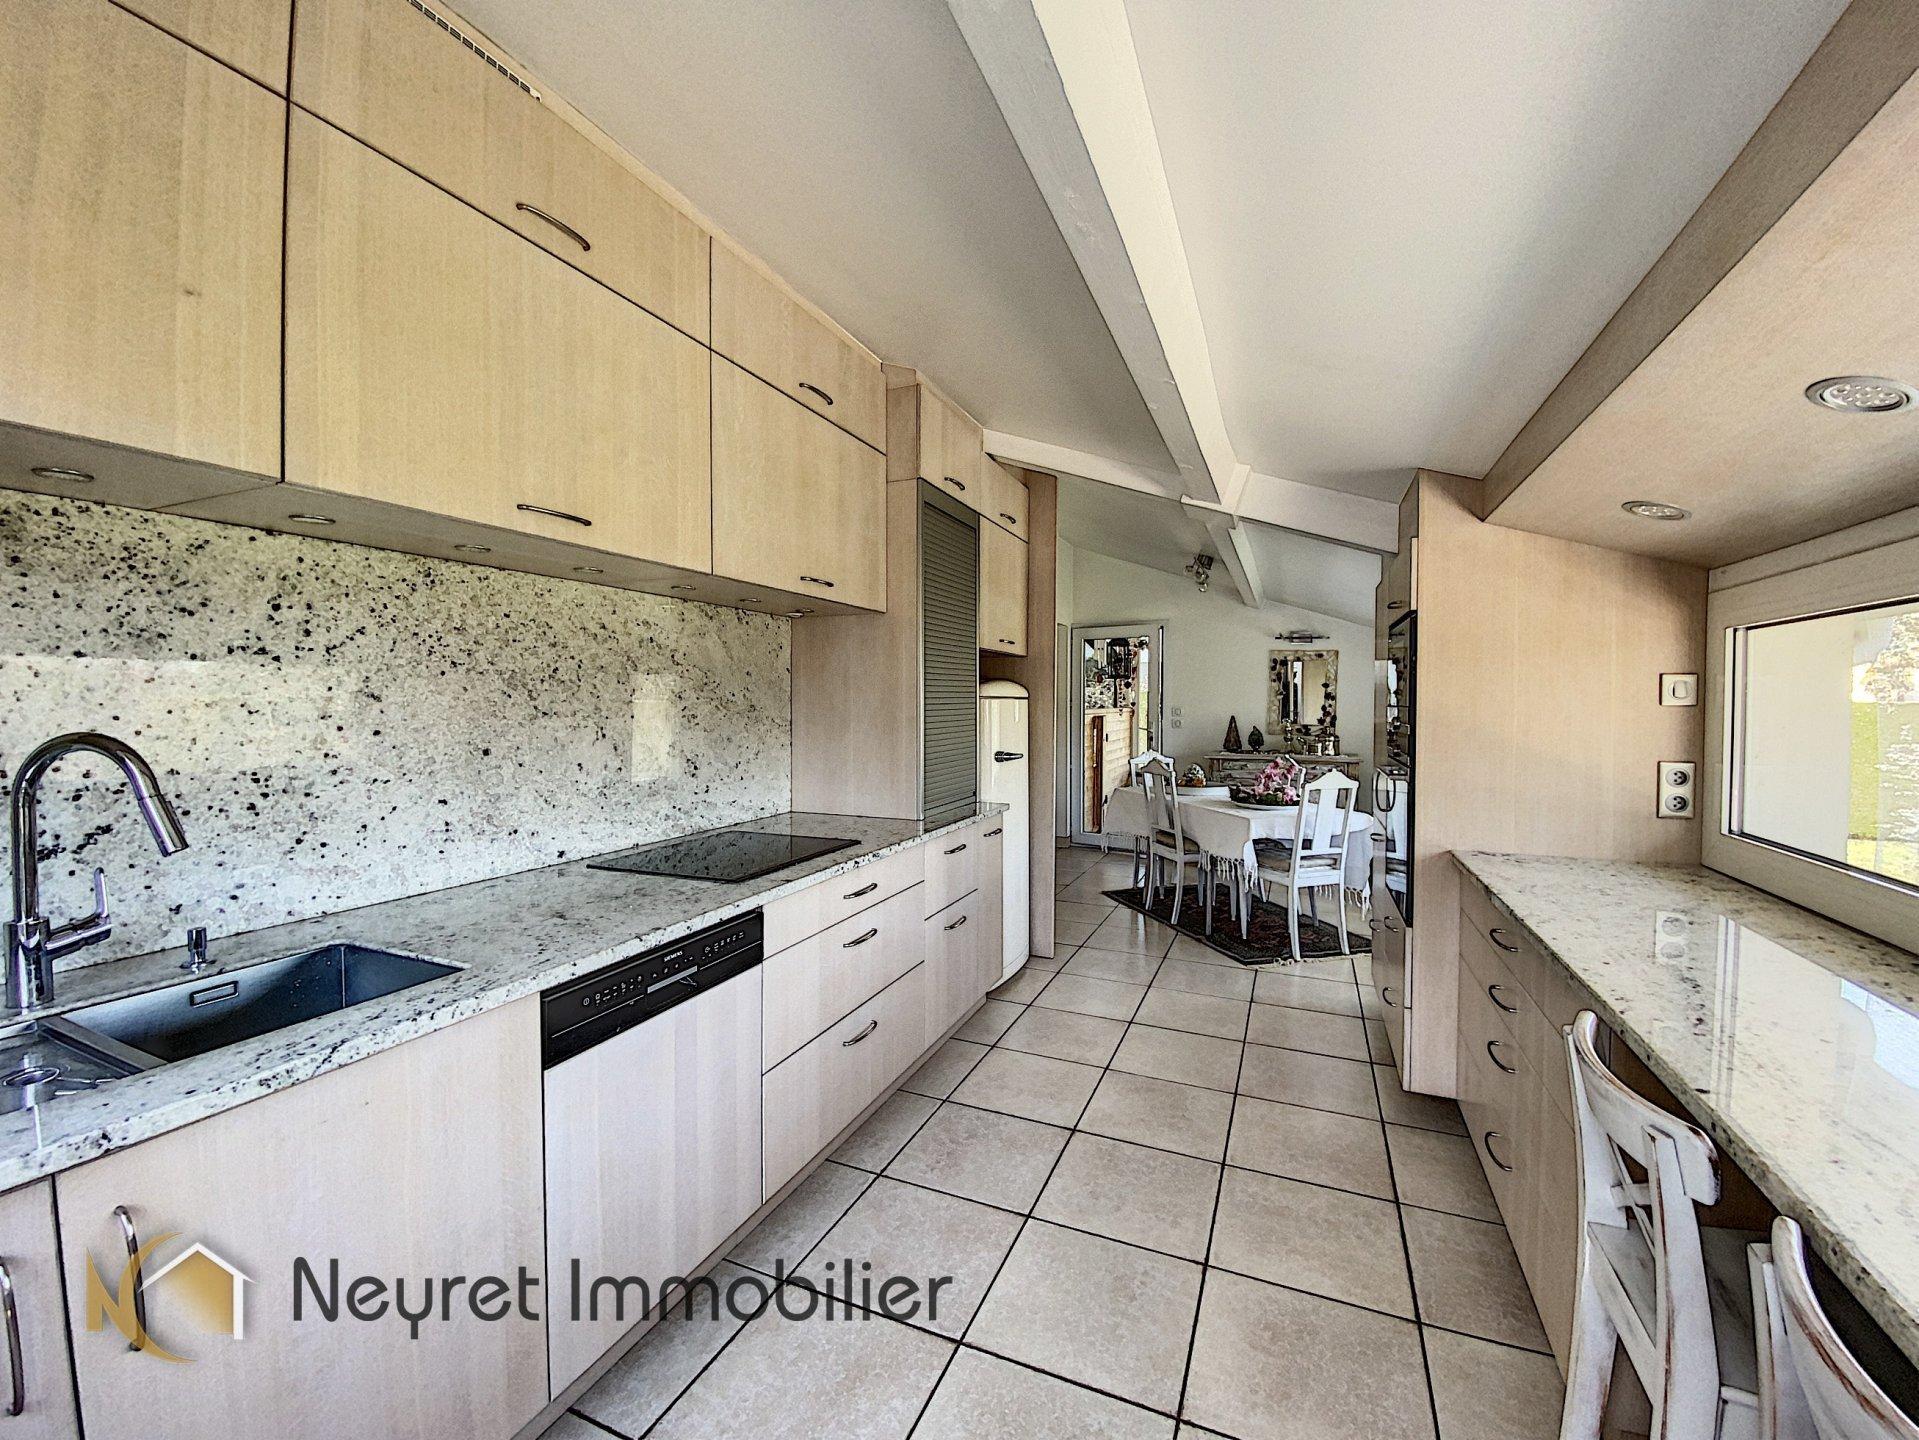 villa atypique 155 m² sur les hauteurs